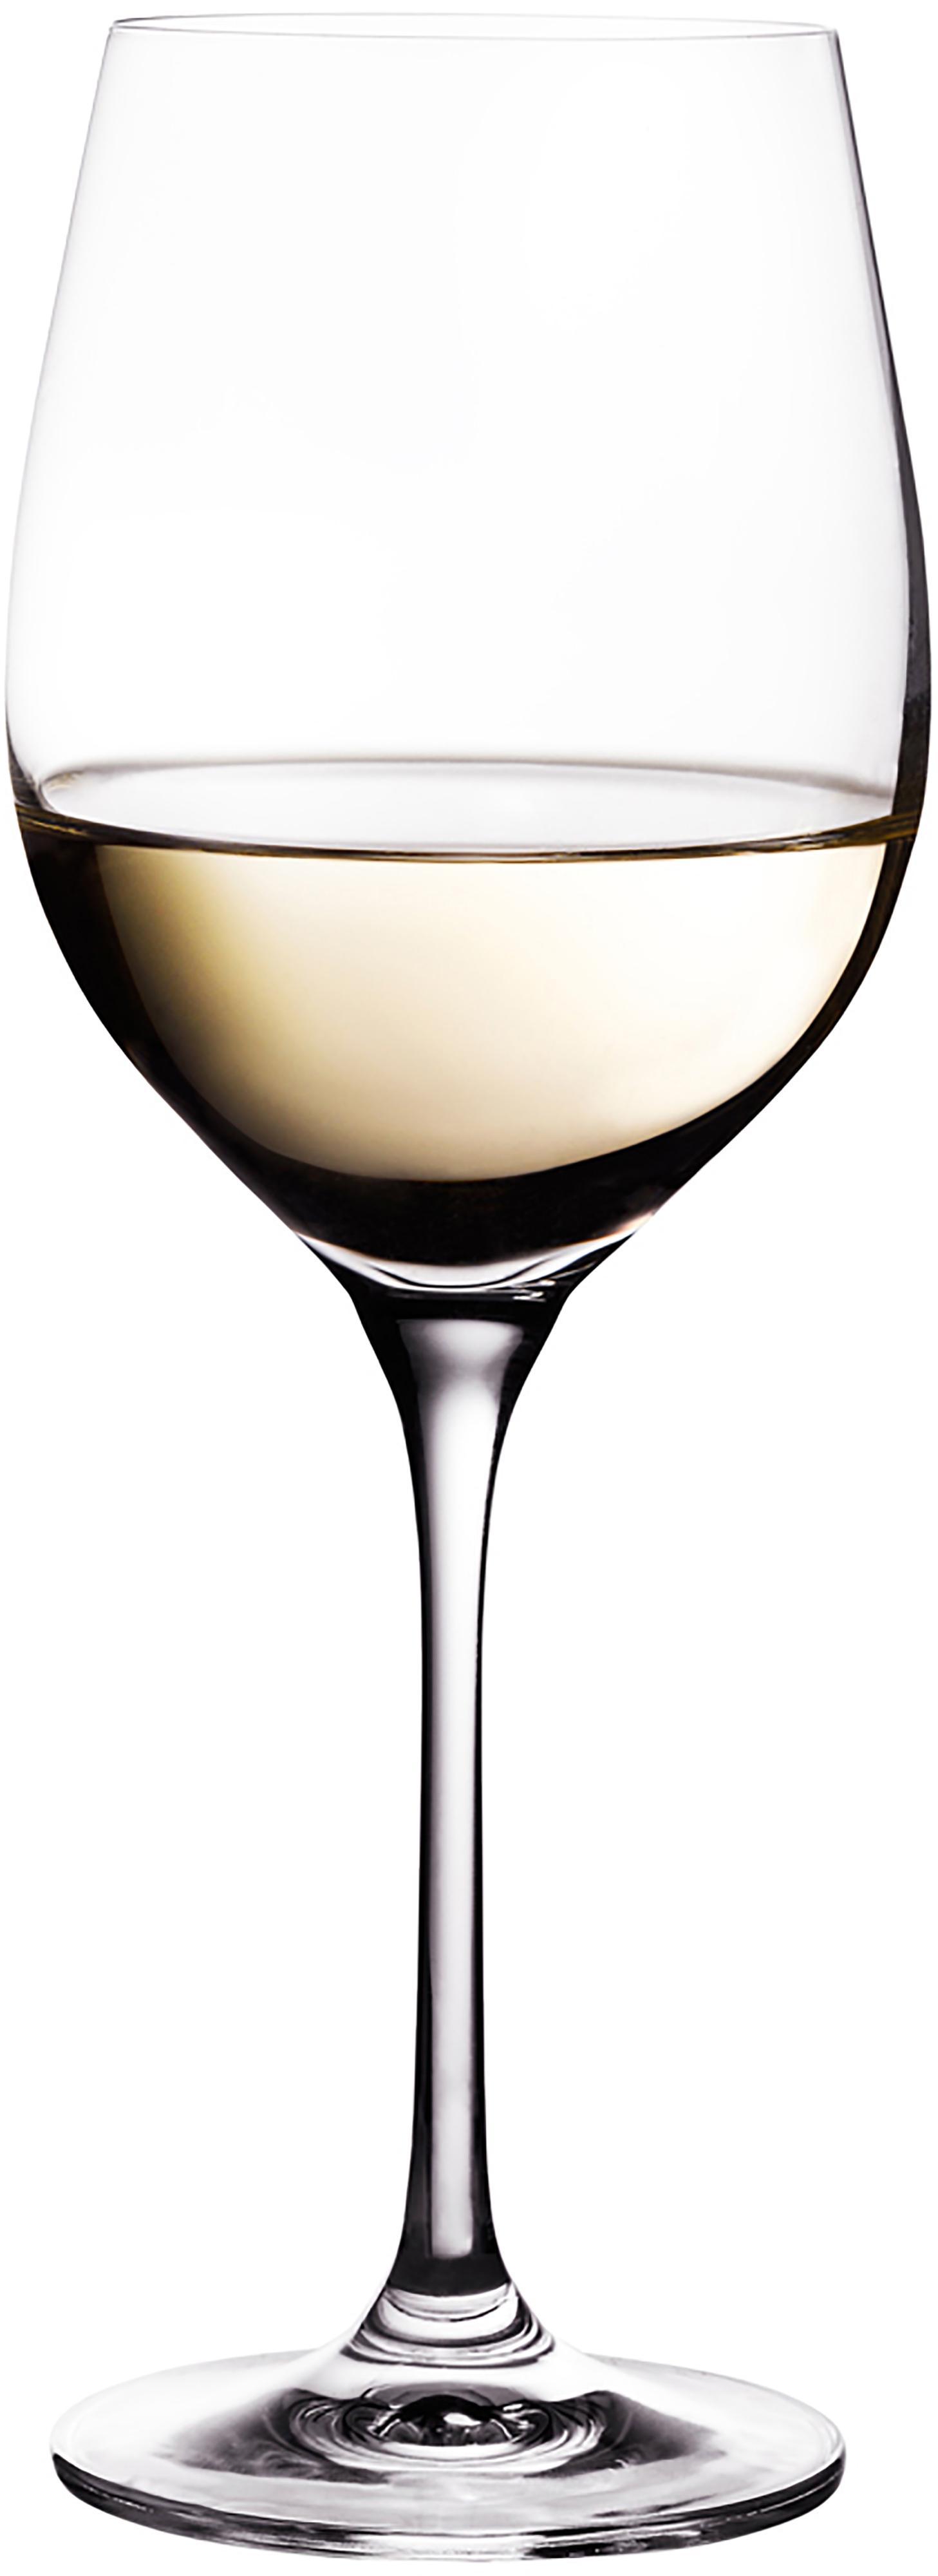 Weißweingläser Harmony aus glattem Kristallglas, 6er-Set, Edelster Glanz – das Kristallglas bricht einfallendes Licht besonders stark. So entsteht ein märchenhaftes Funkeln, das jede Weinverkostung zu einem ganz besonderen Erlebnis macht., Transparent, 390 ml